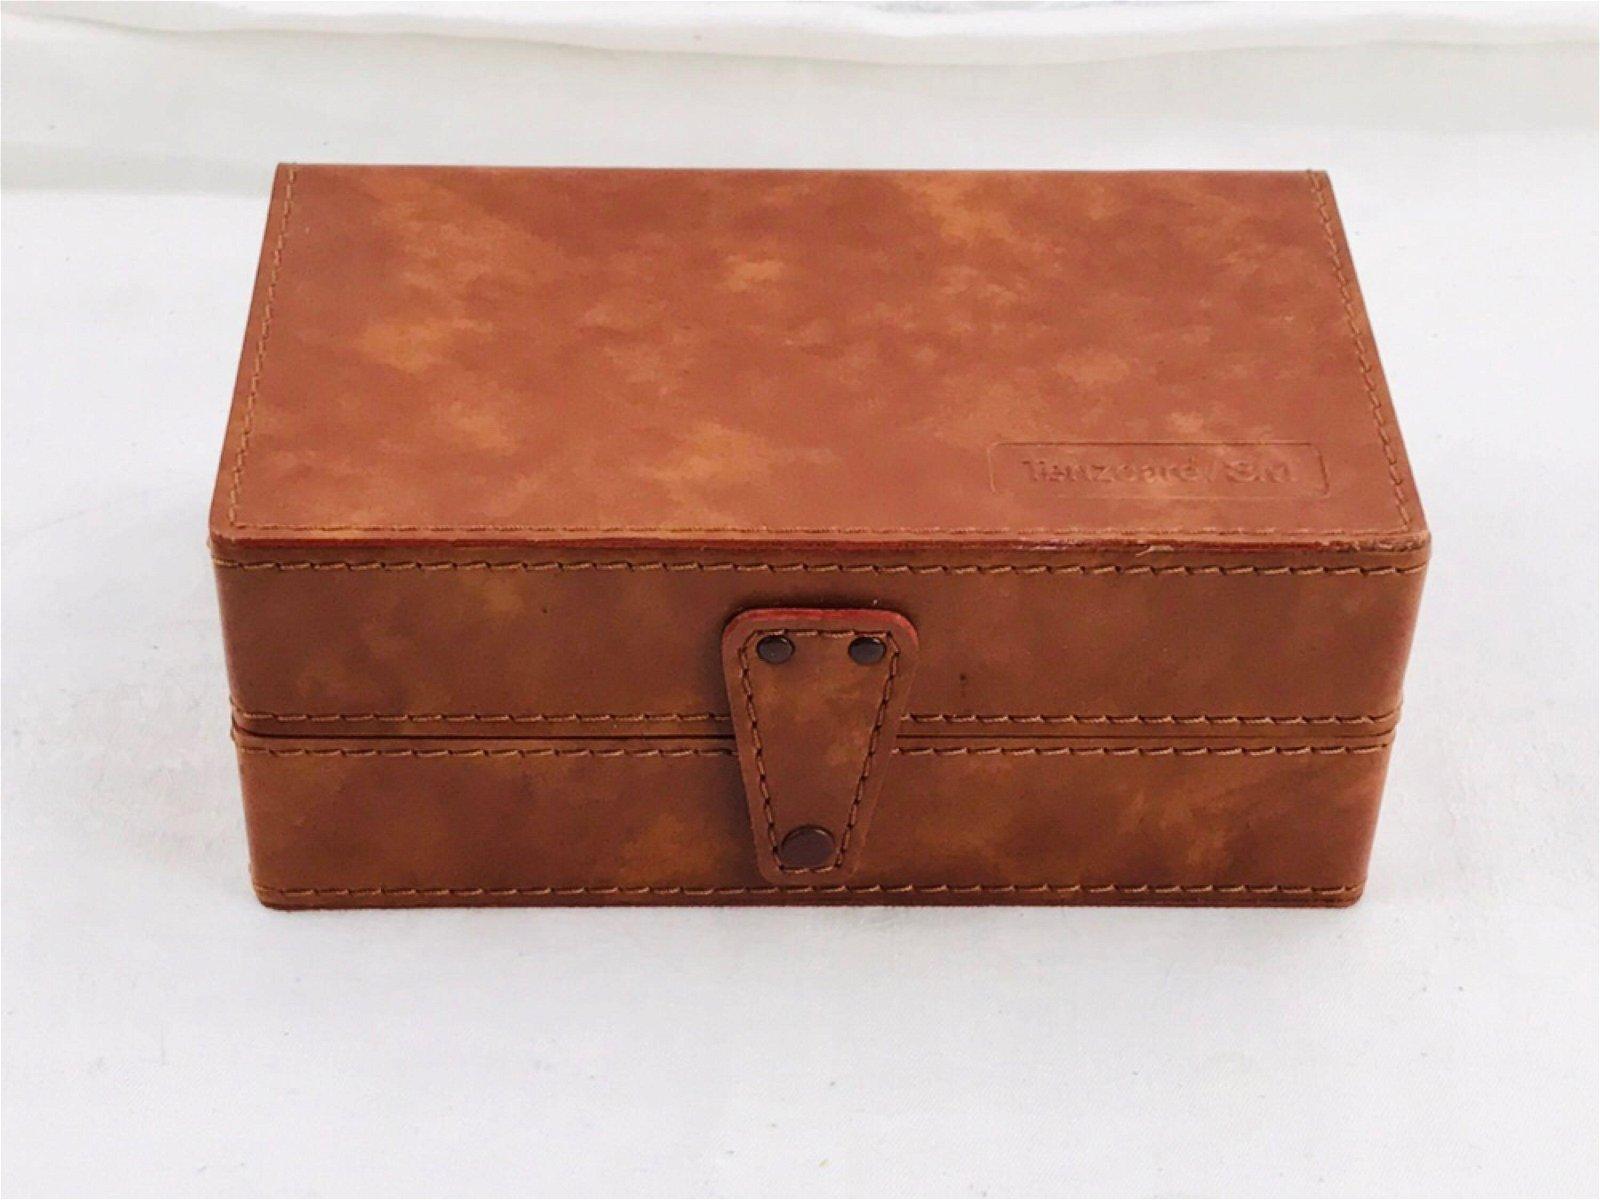 Storage Box for 3M Tenzcare